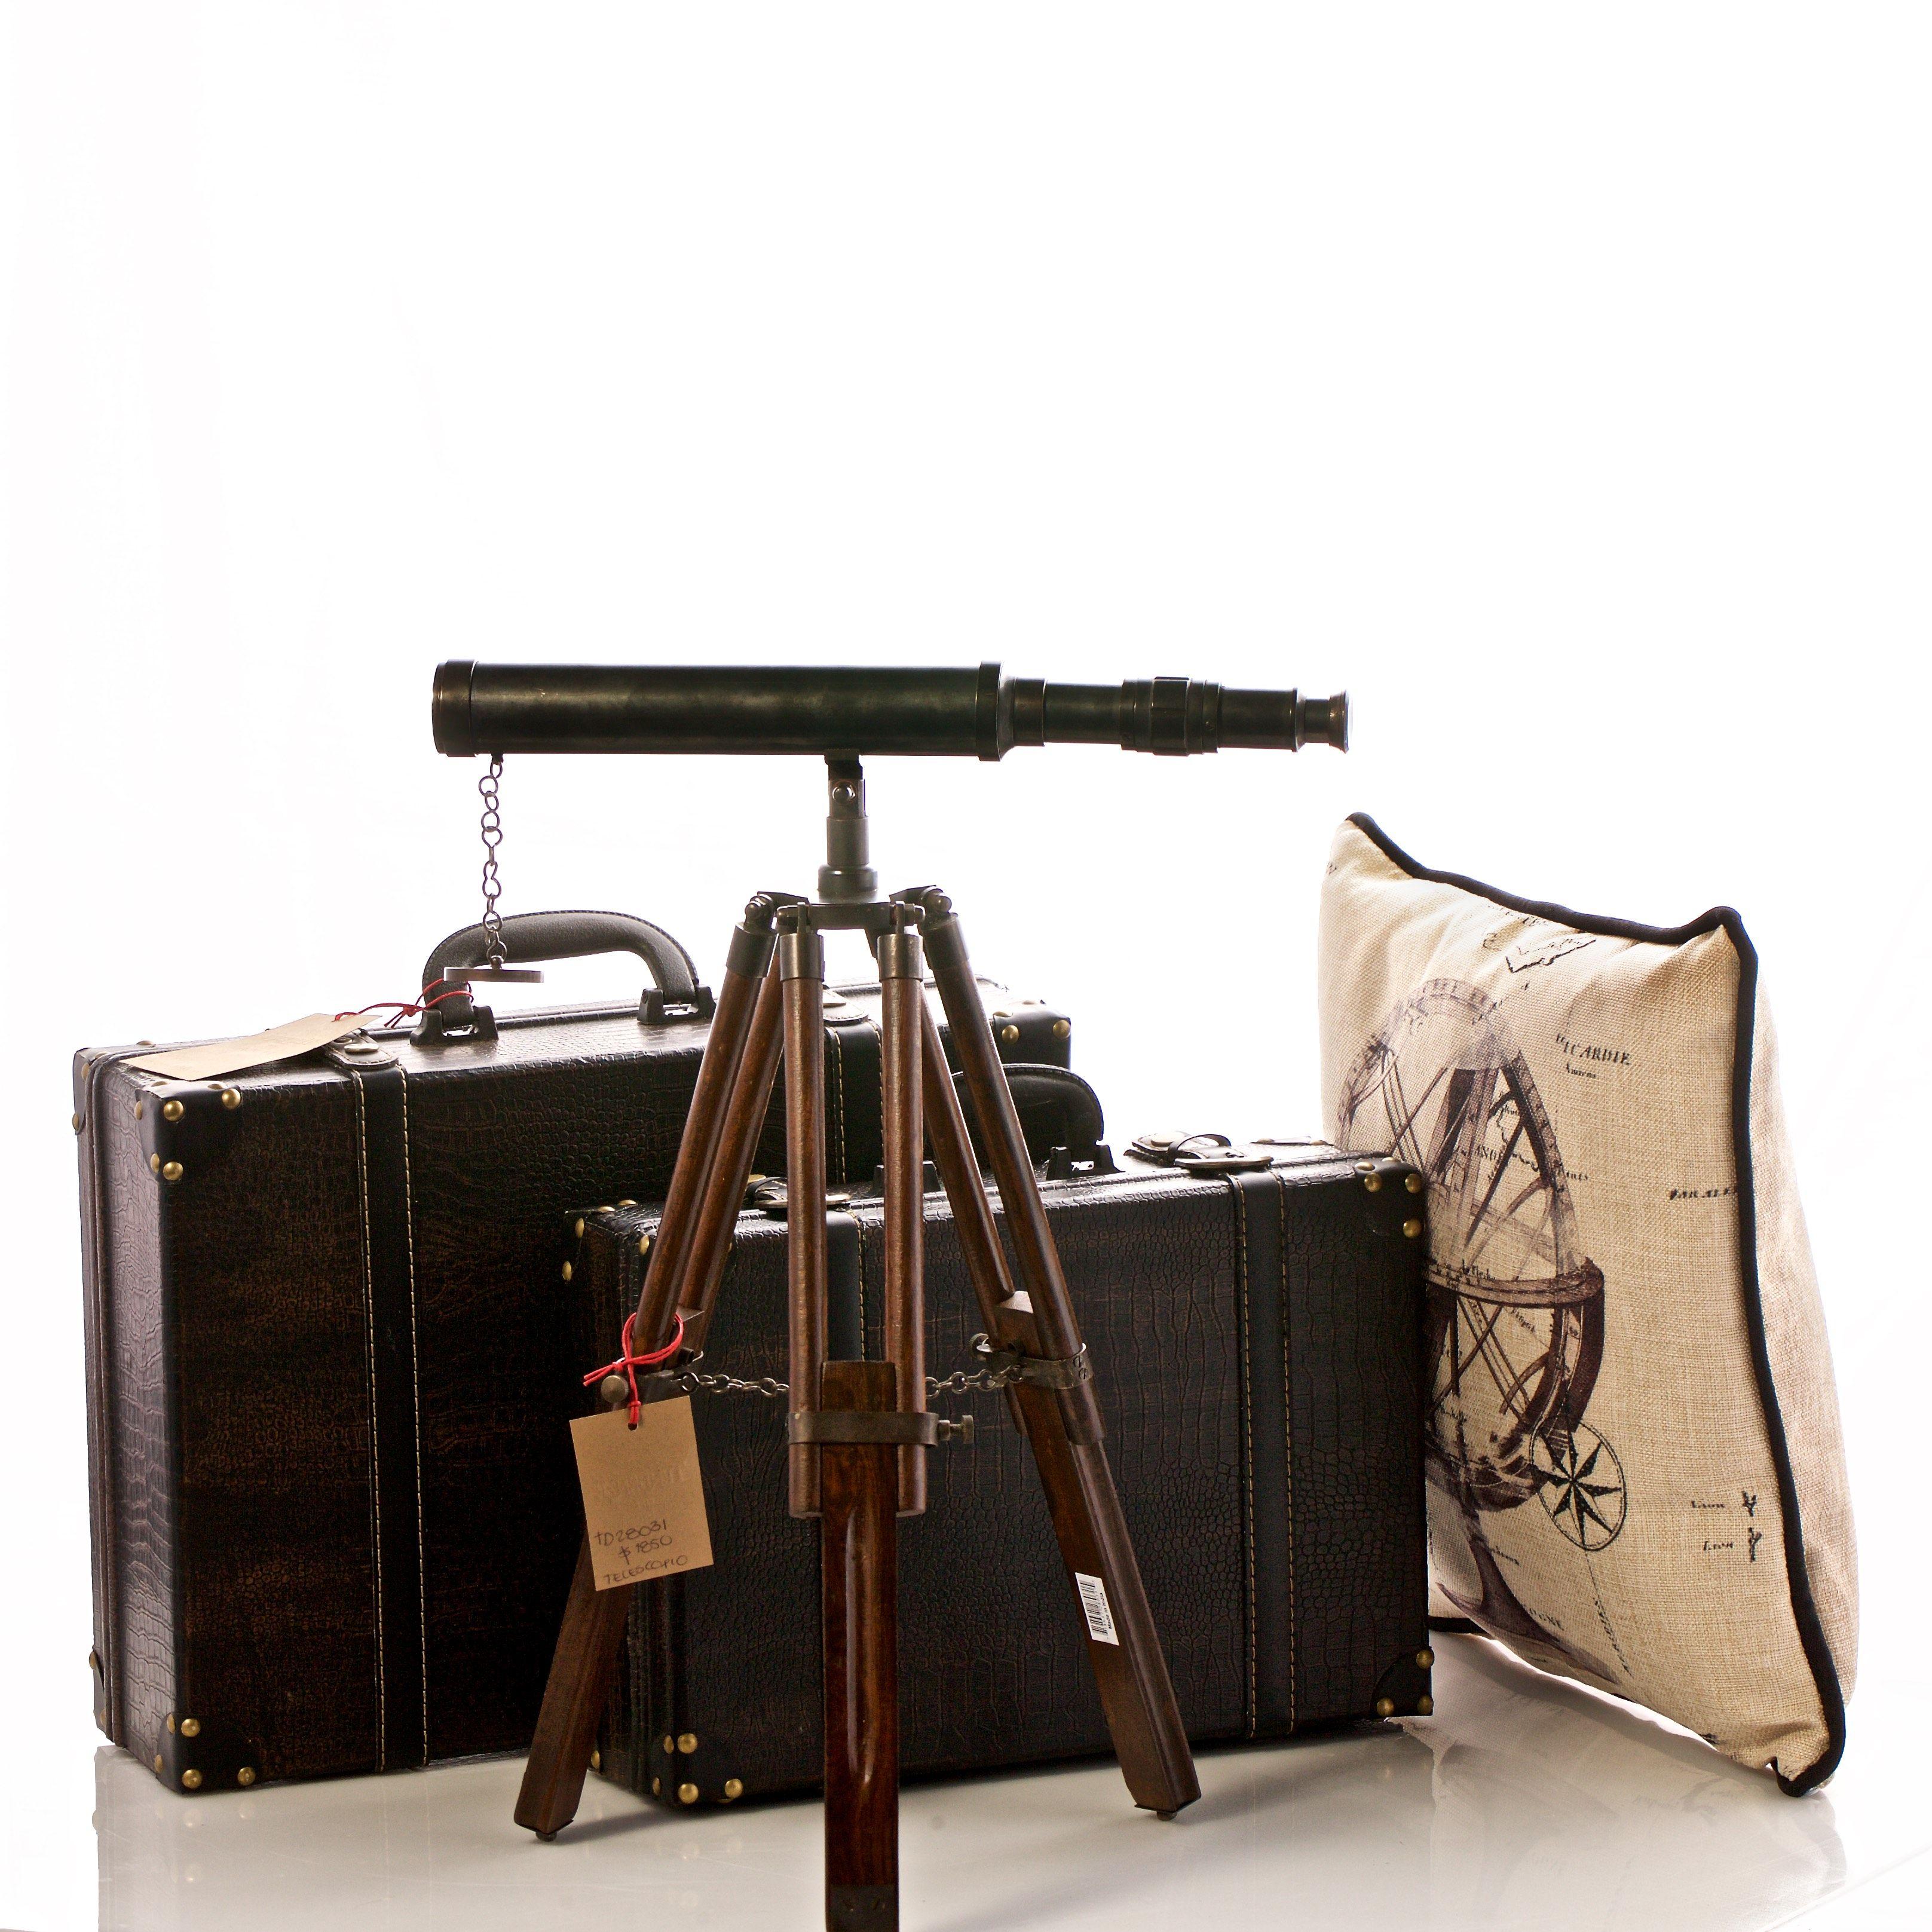 Tendence interiorismo muebles art culos para decoraci n y - Articulos de decoracion ...